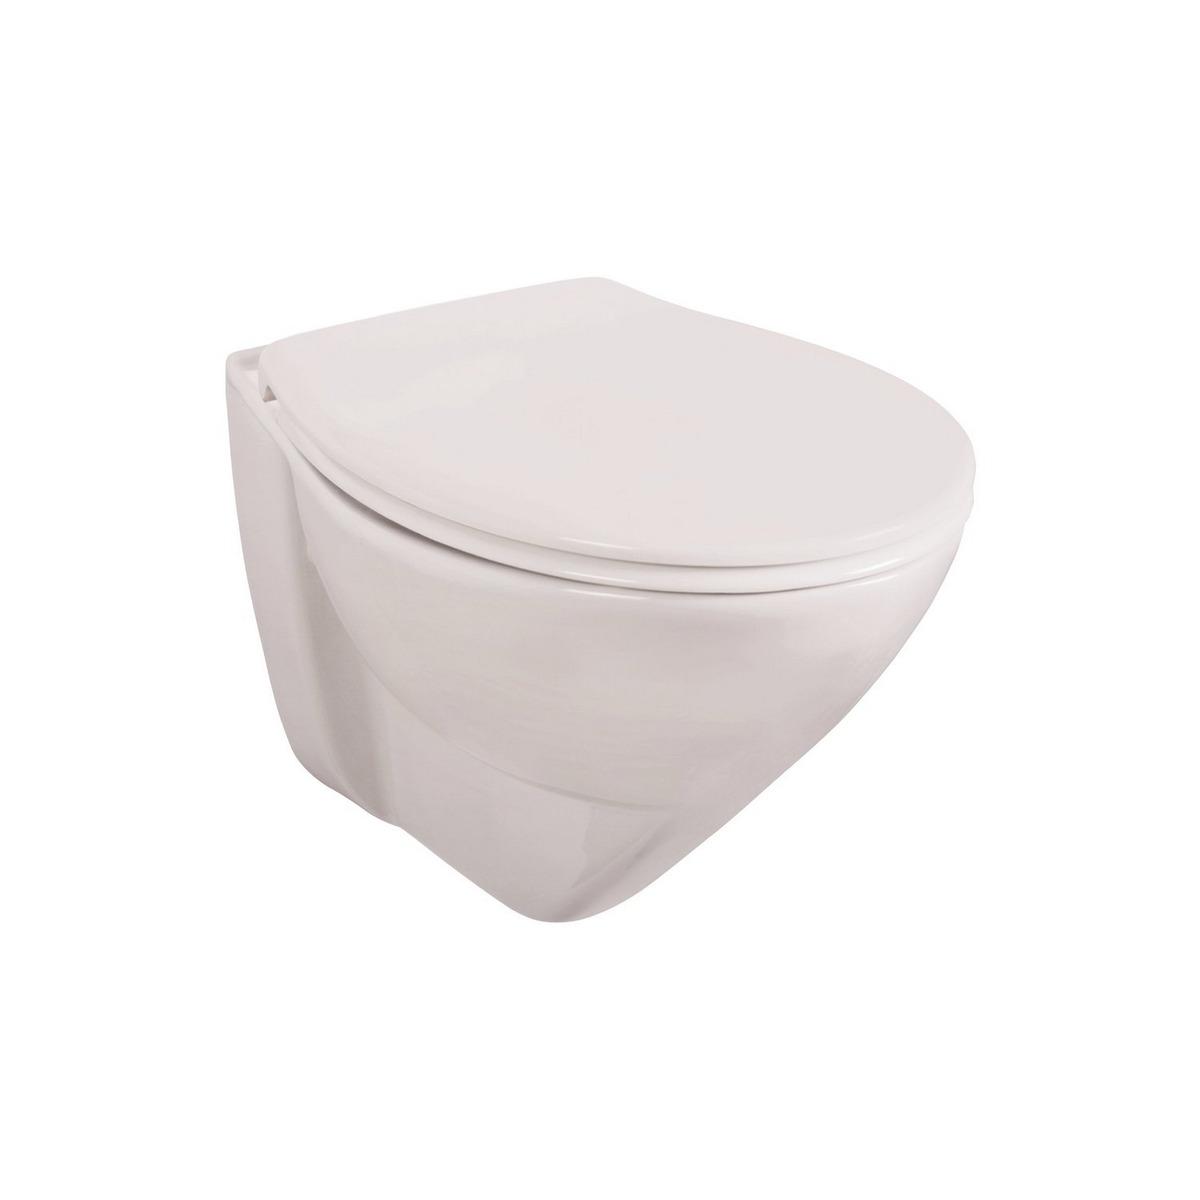 Bild 1 von Wand-WC Set 'Lidano 2.0' Tiefspüler, 6 cm erhöht